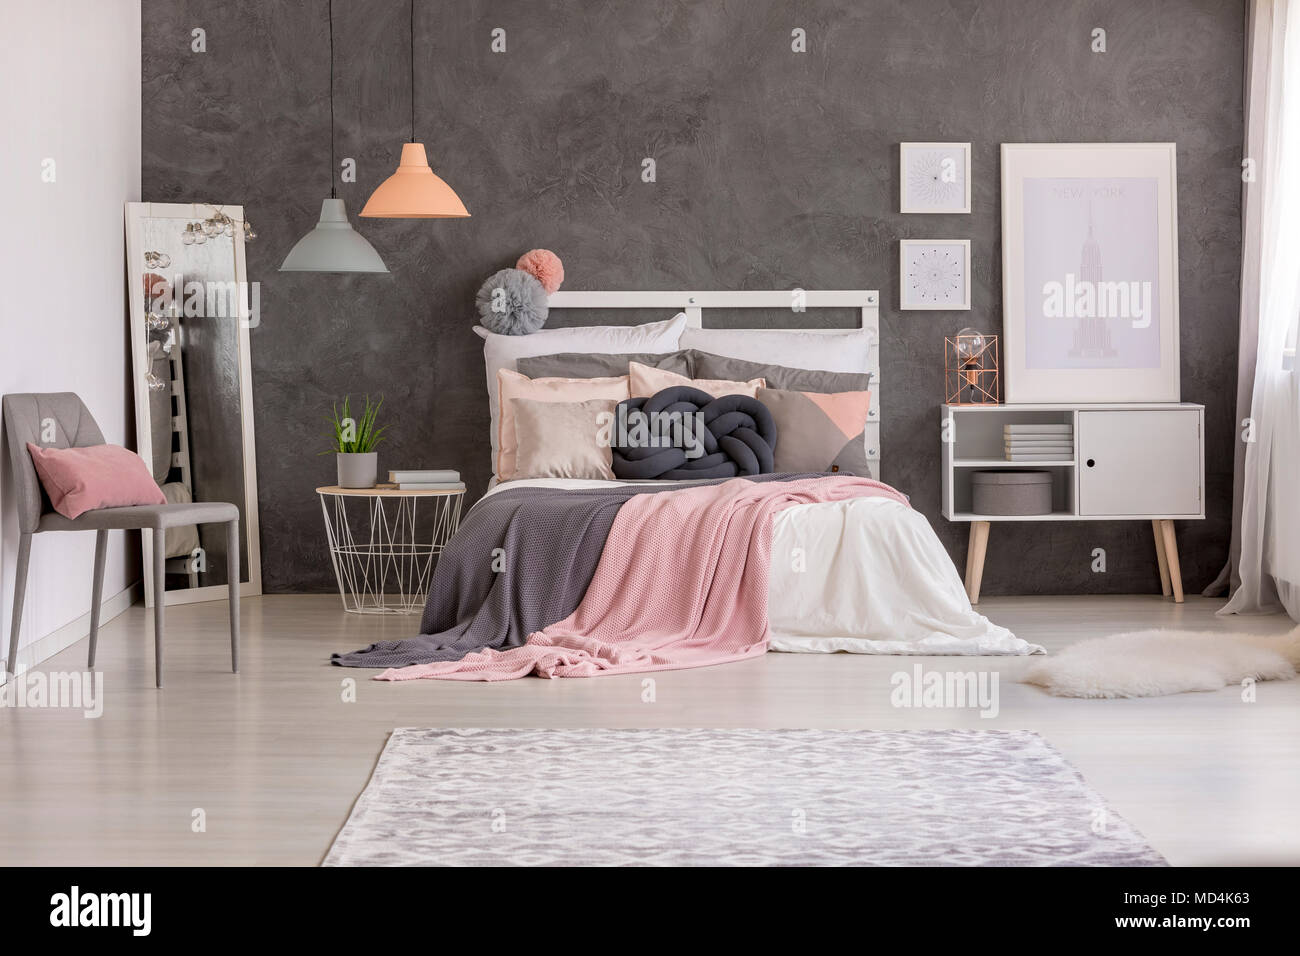 Weiß Schlafzimmer Innenraum mit Grau texturierte Wand ...